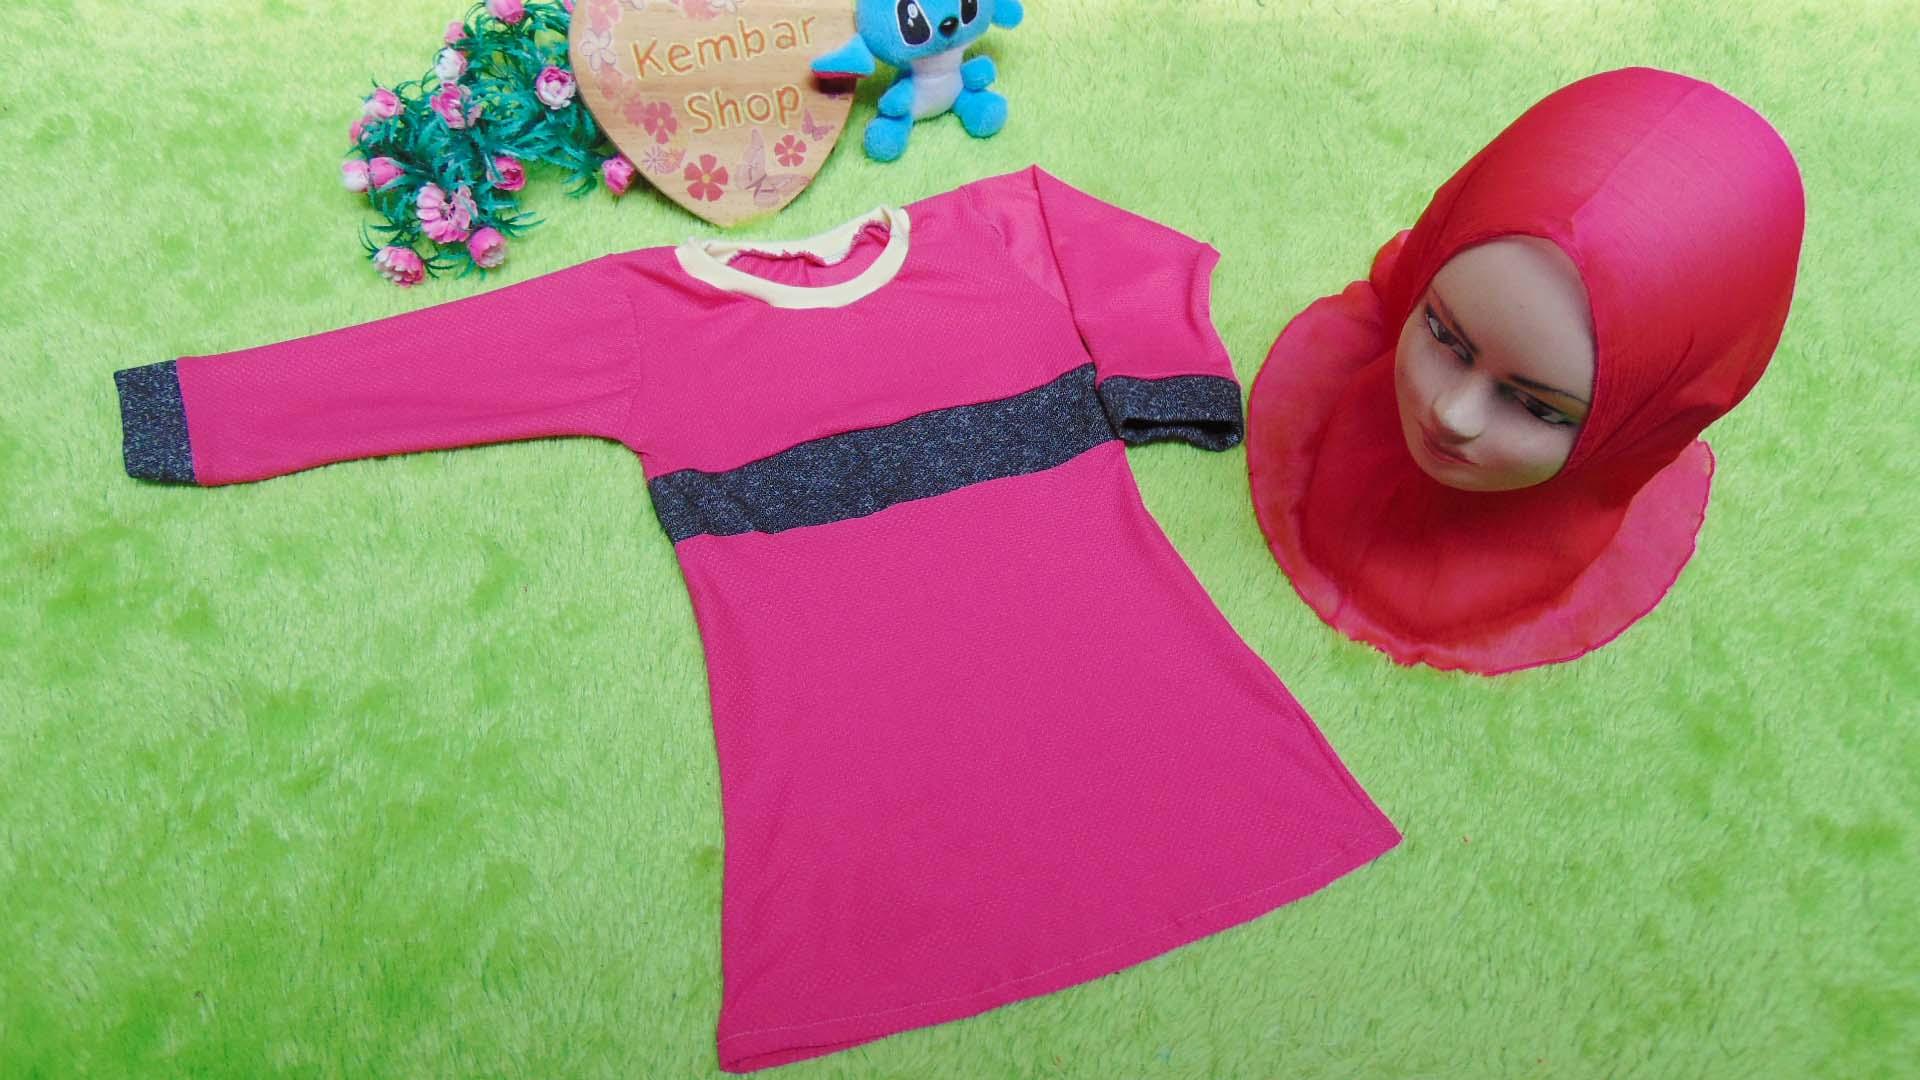 PALING MURAH Baju Muslim Gamis Aisyah Anak Bayi Perempuan 6-18bulan Plus Hijab khimar 44 Lebar Dada 28cm, Panjang 47cm